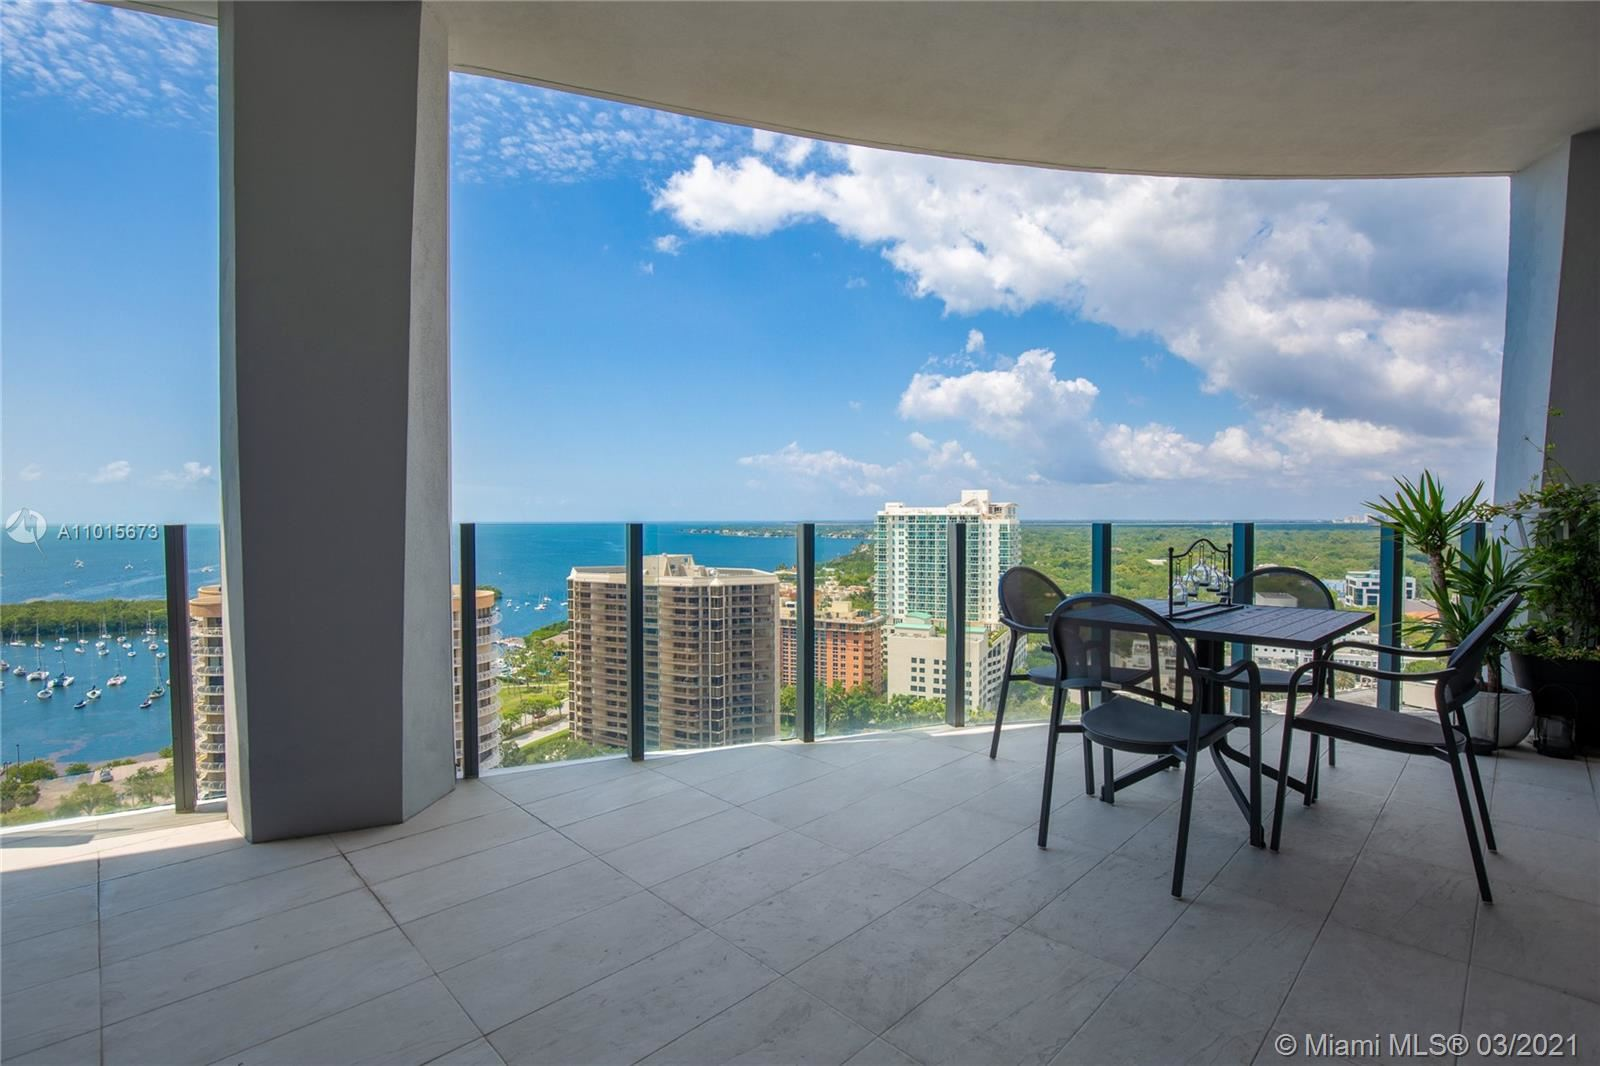 2831 S Bayshore Dr #2101, Miami, FL 33133 - #: A11015673